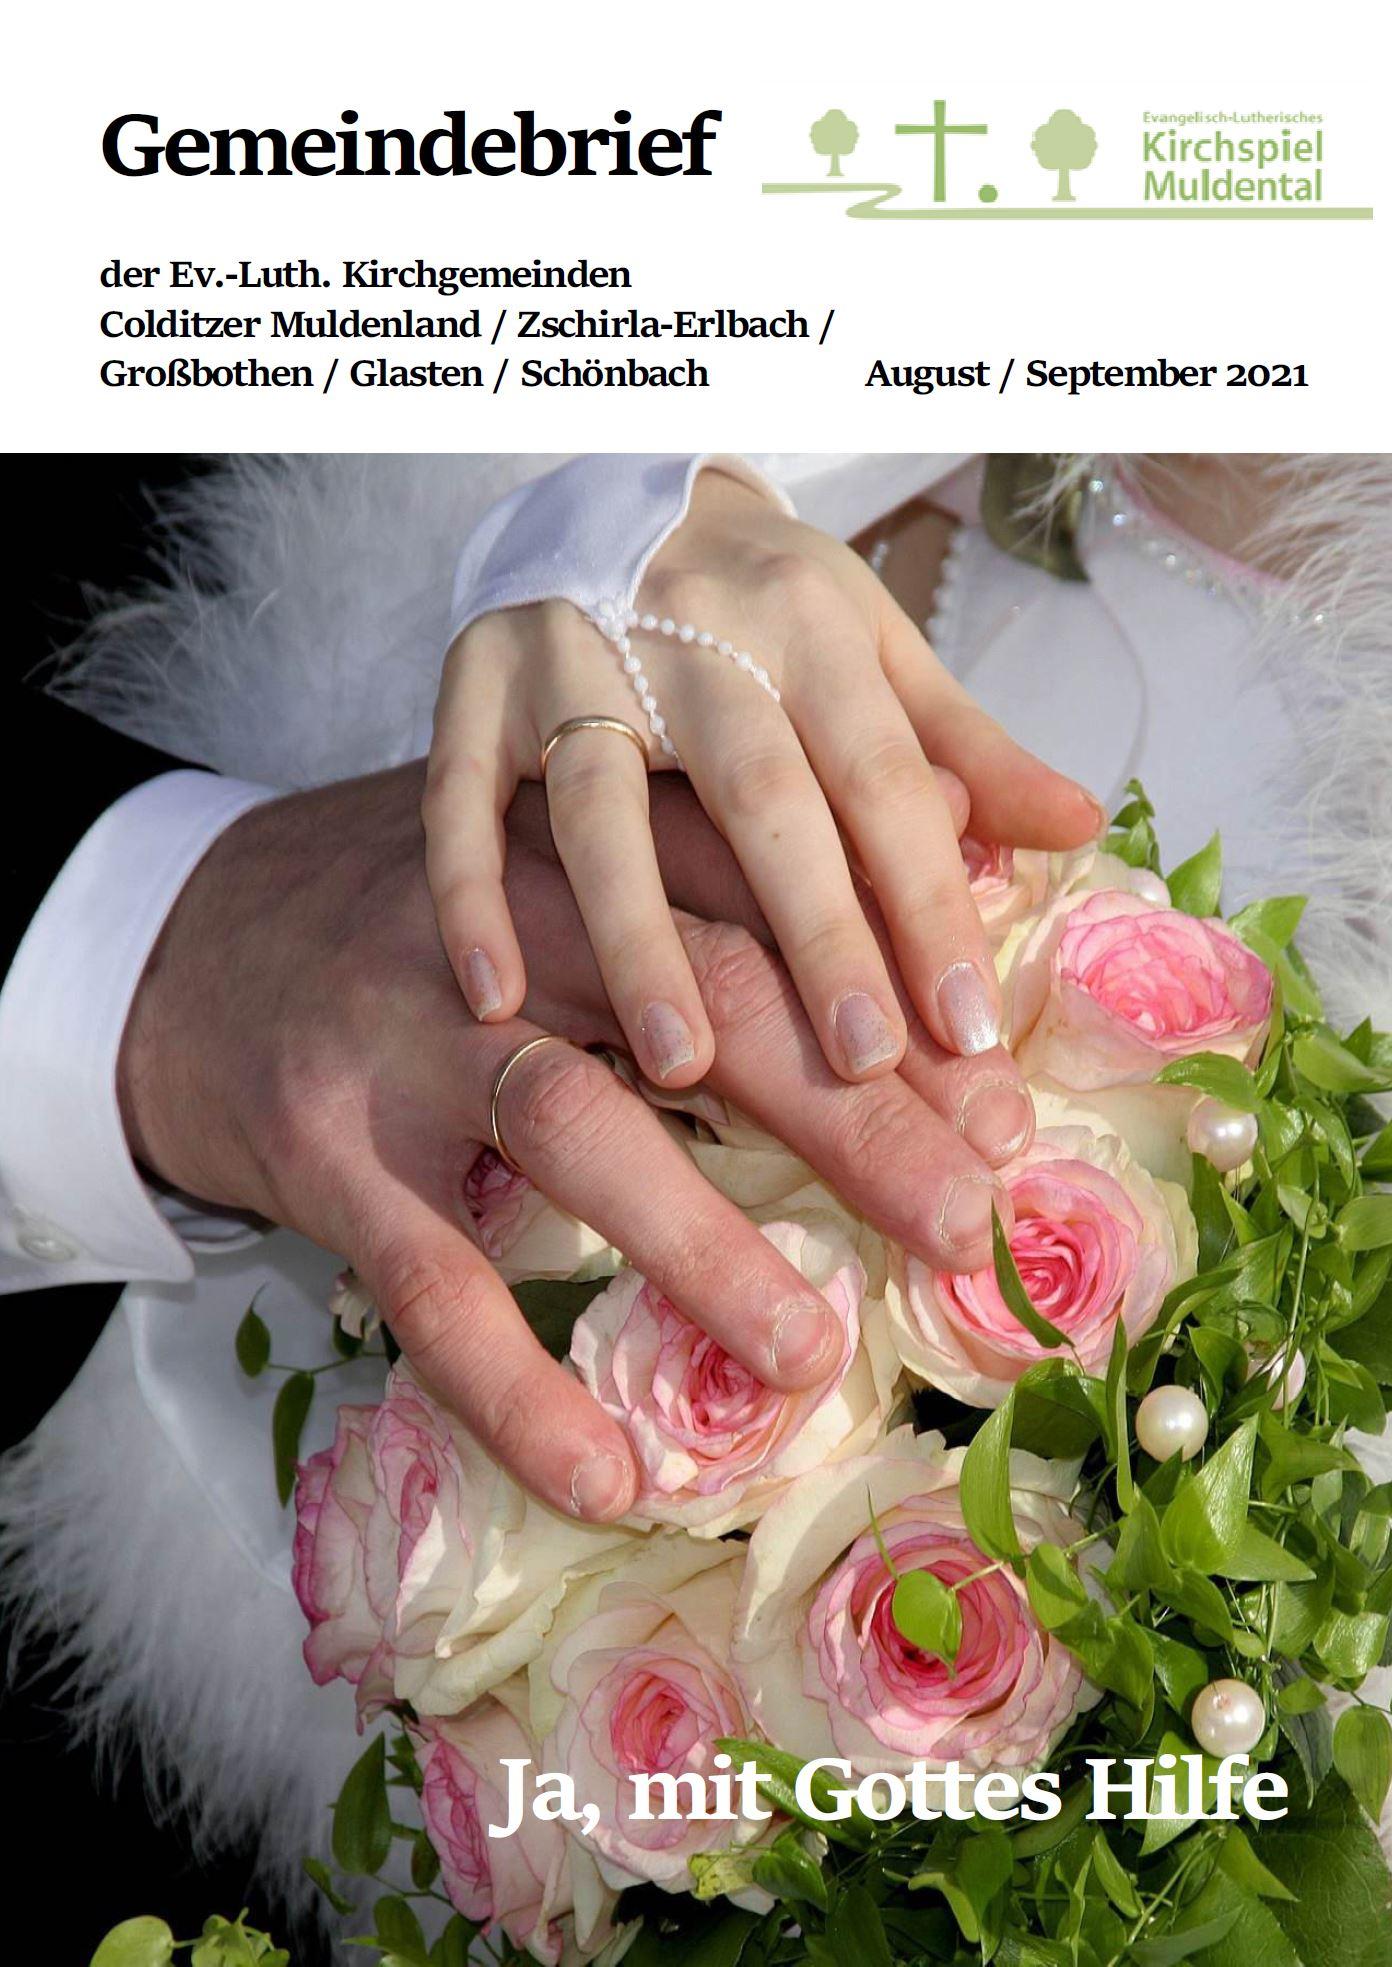 Gemeindebrief August September 2021